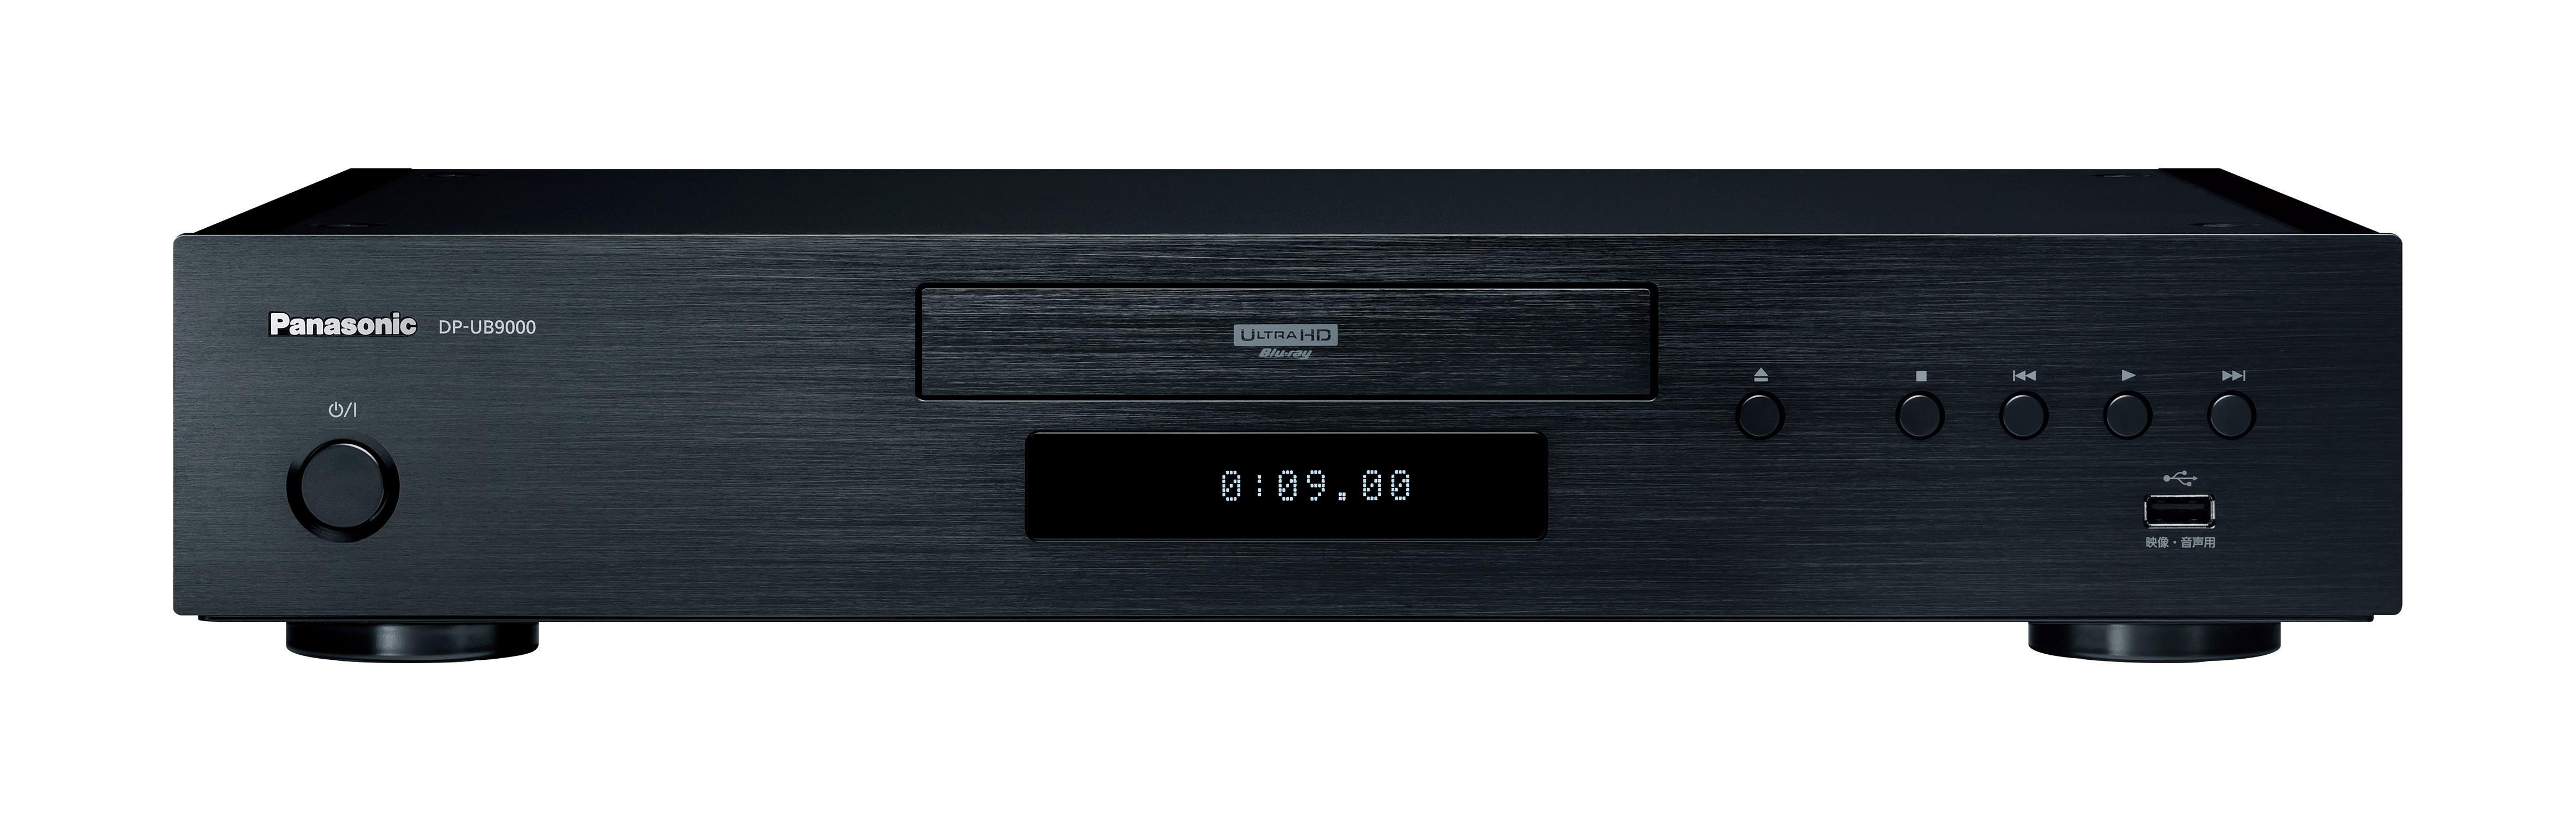 ブルーレイディスクプレーヤー「DP-UB9000(Japan Limited)」